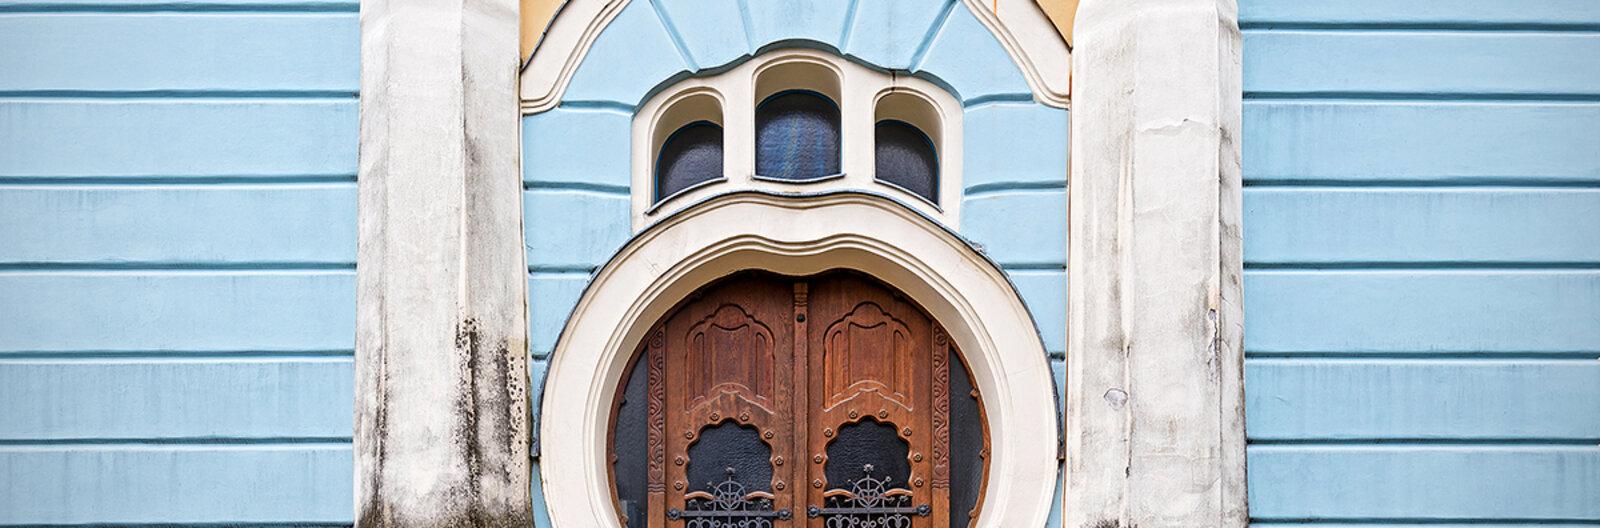 visszanyerje a kapuk látványát)